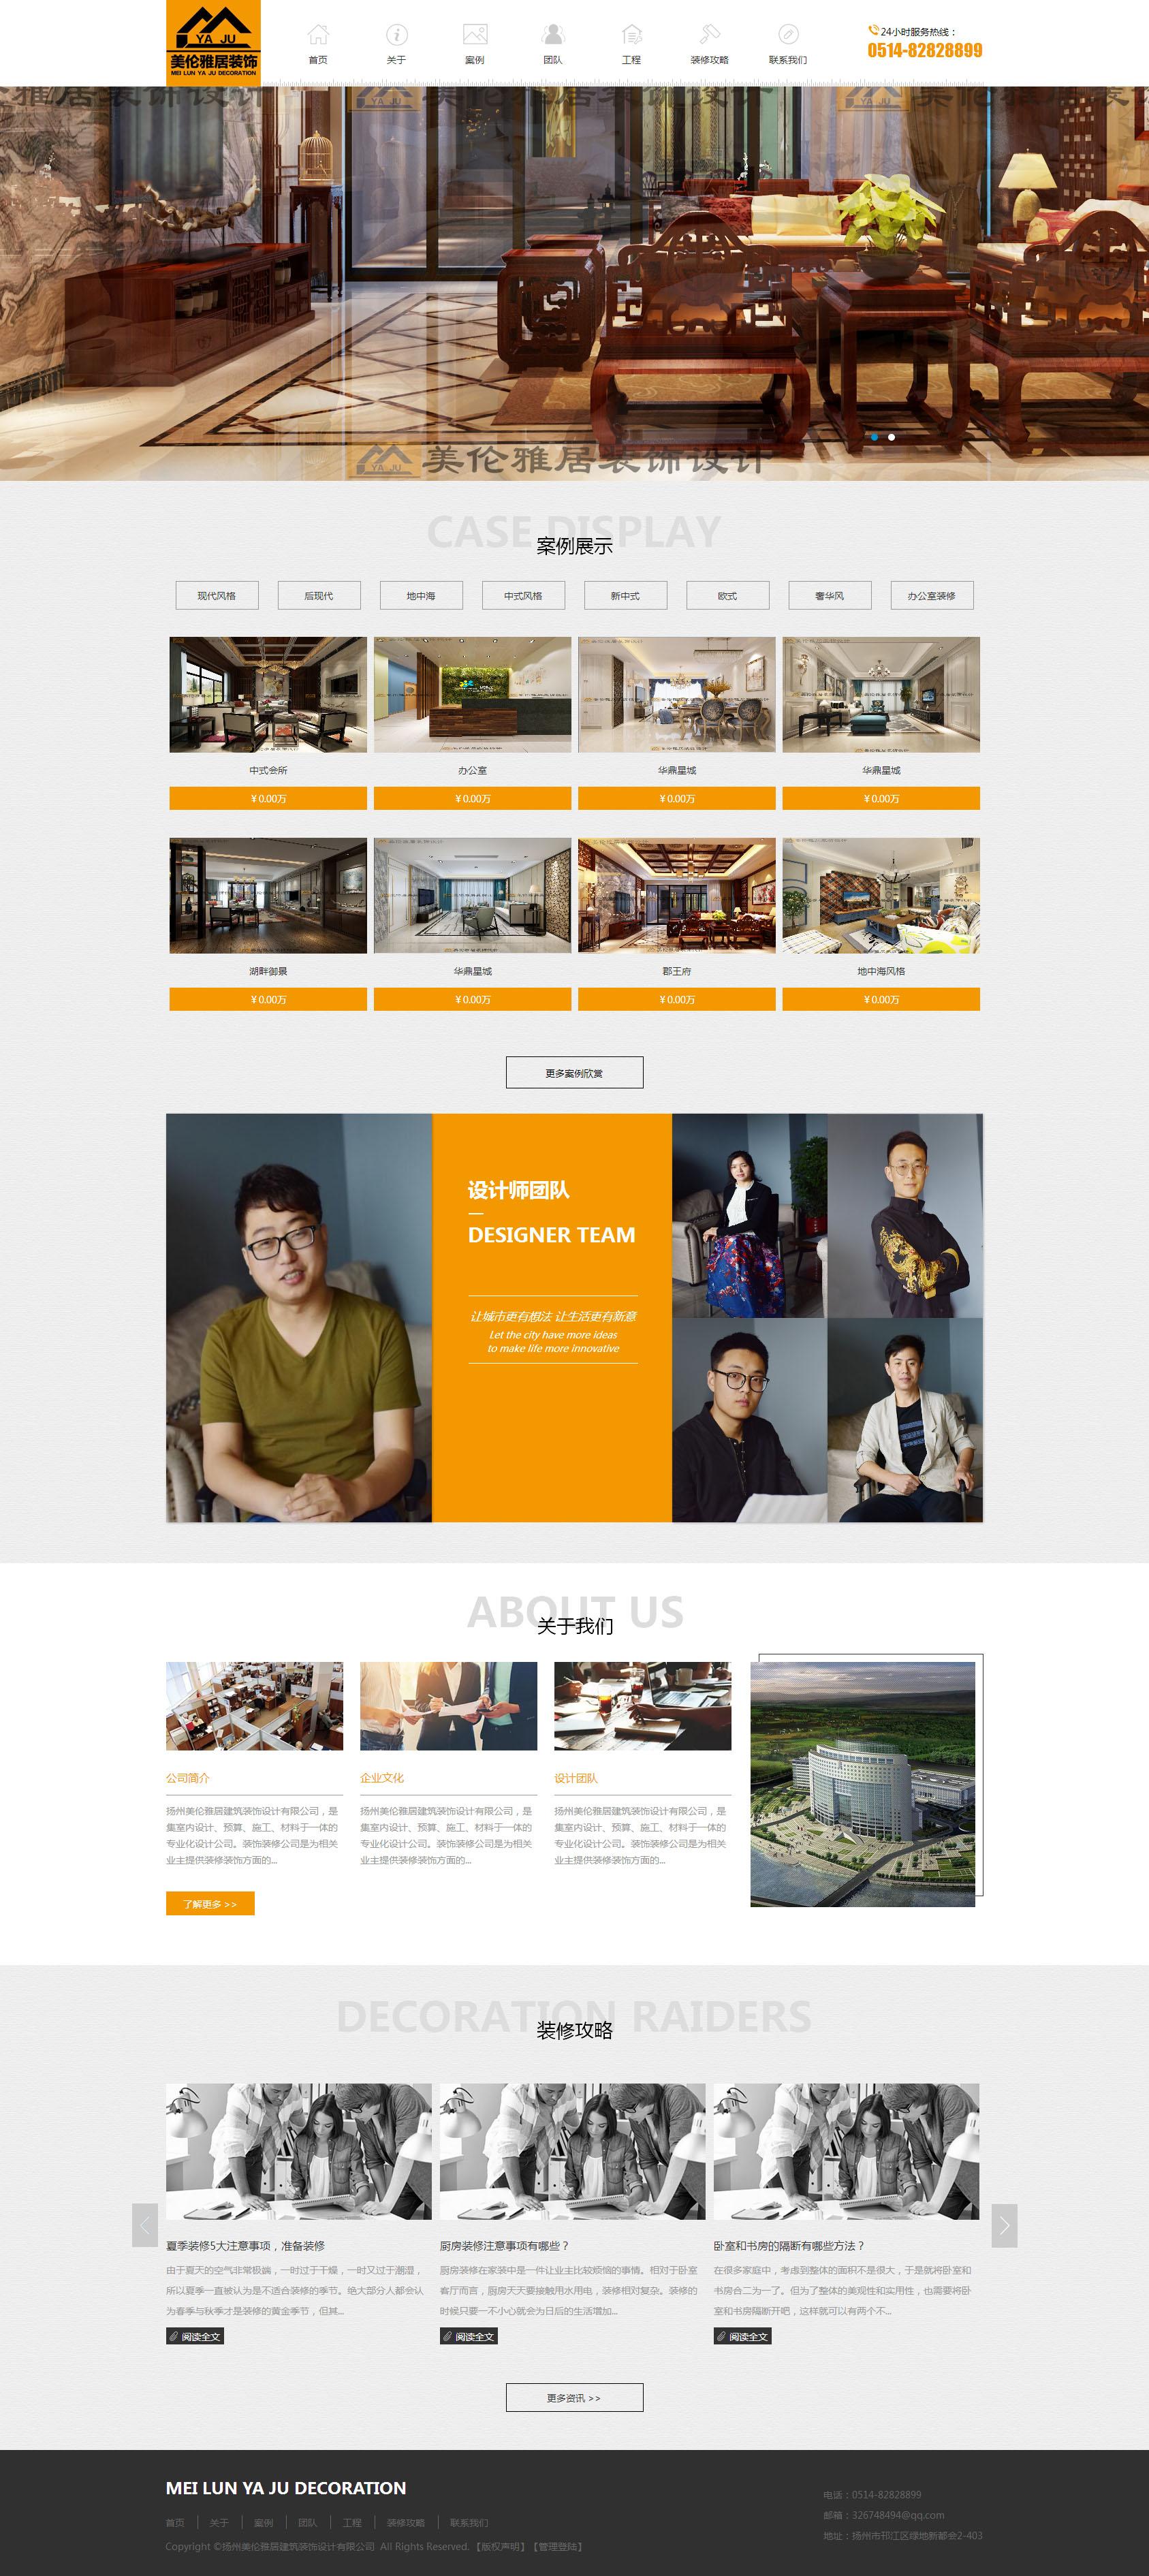 千赢国际娱乐电脑版美伦雅居建筑装饰设计有限公司